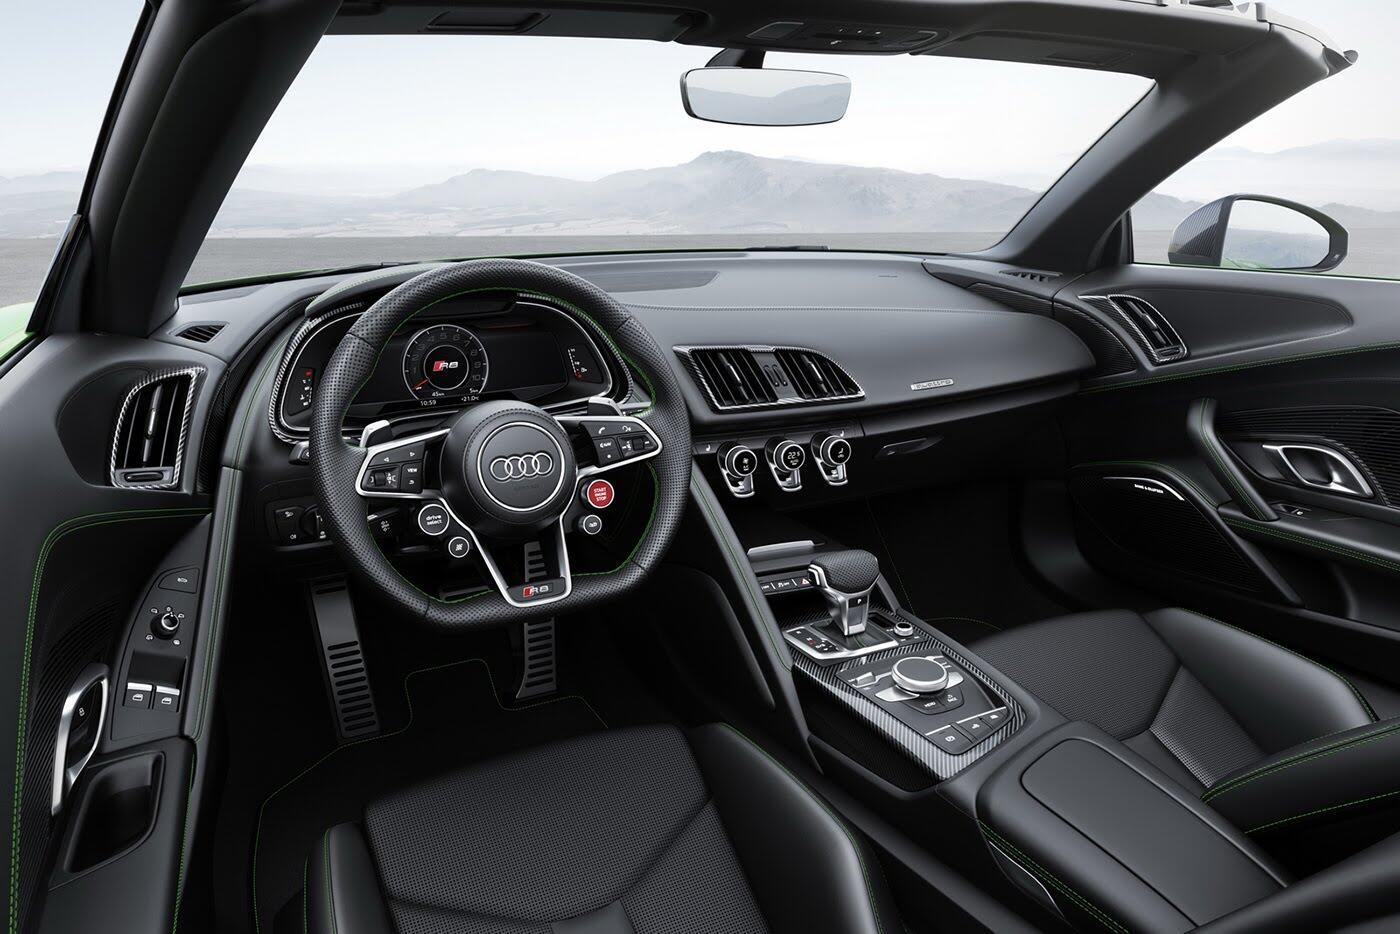 Audi R8 V10 Spyder Plus trình làng với sức mạnh 601 mã lực - Hình 6